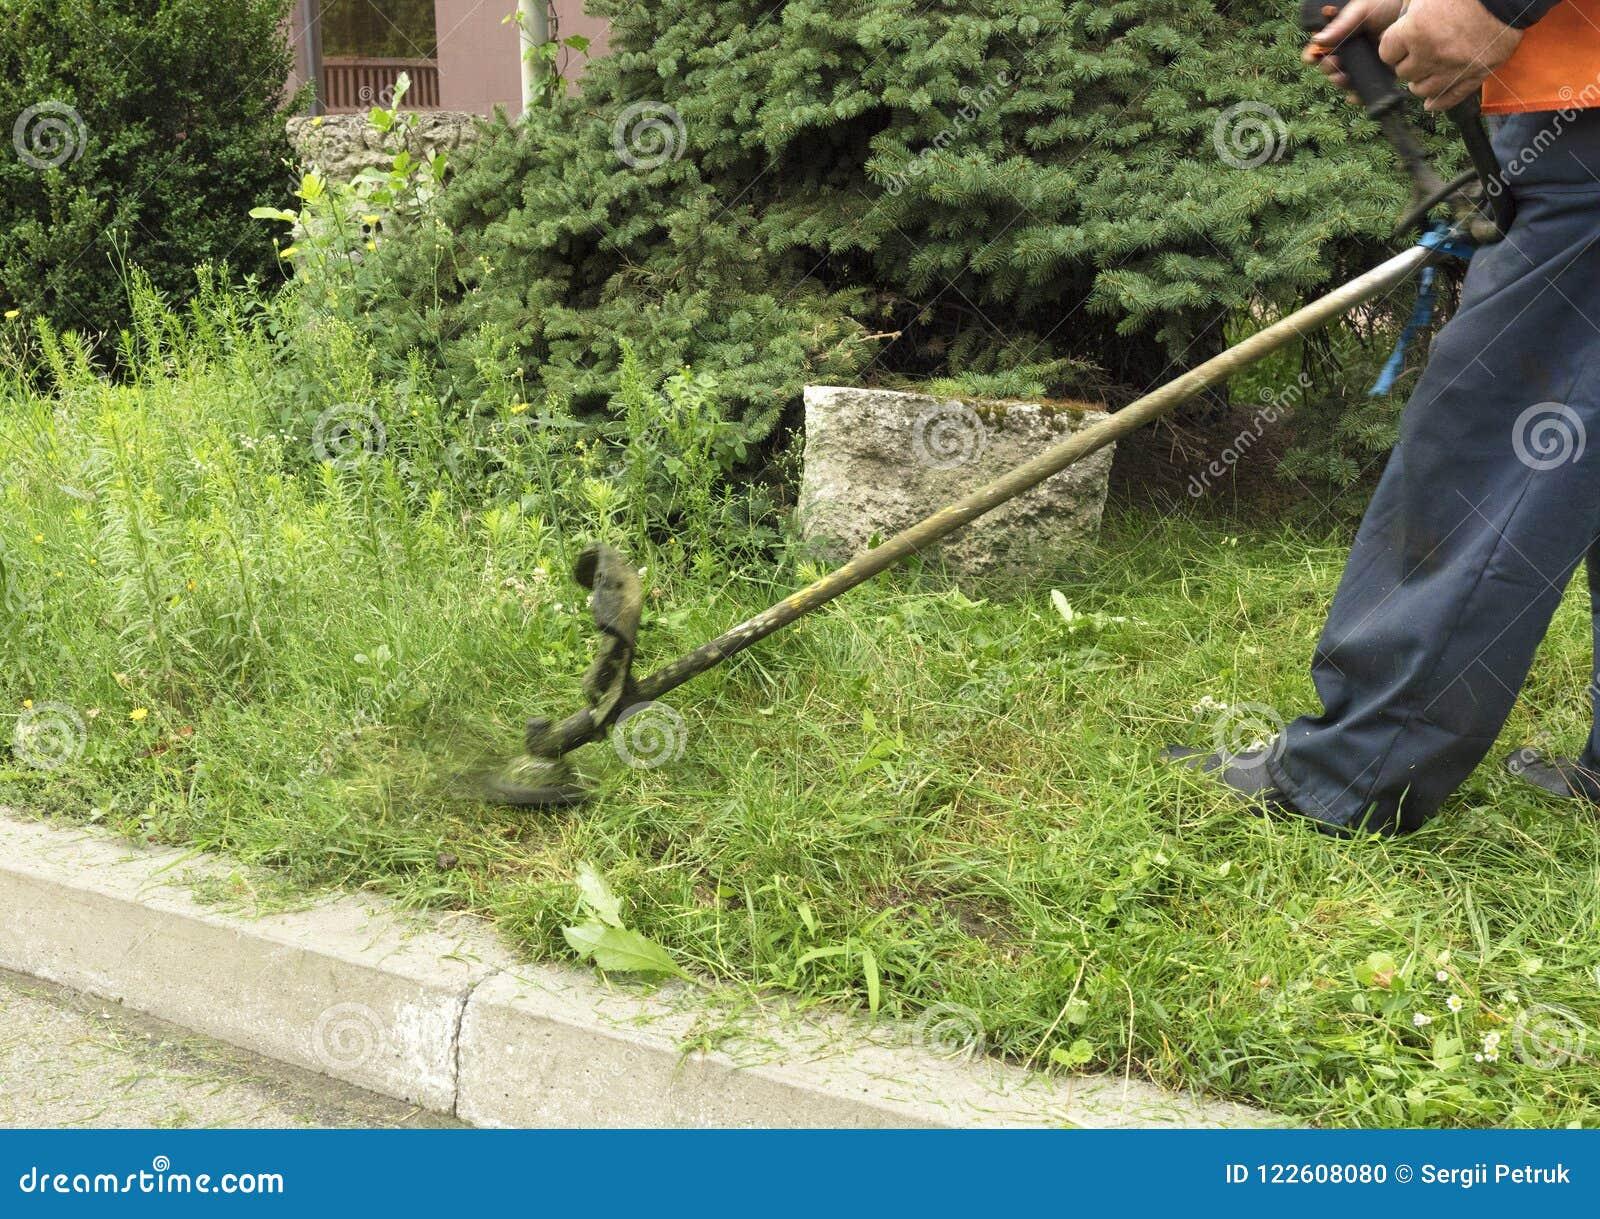 El trabajador corta la alta hierba con una hierba industrial del ajuste de la gasolina